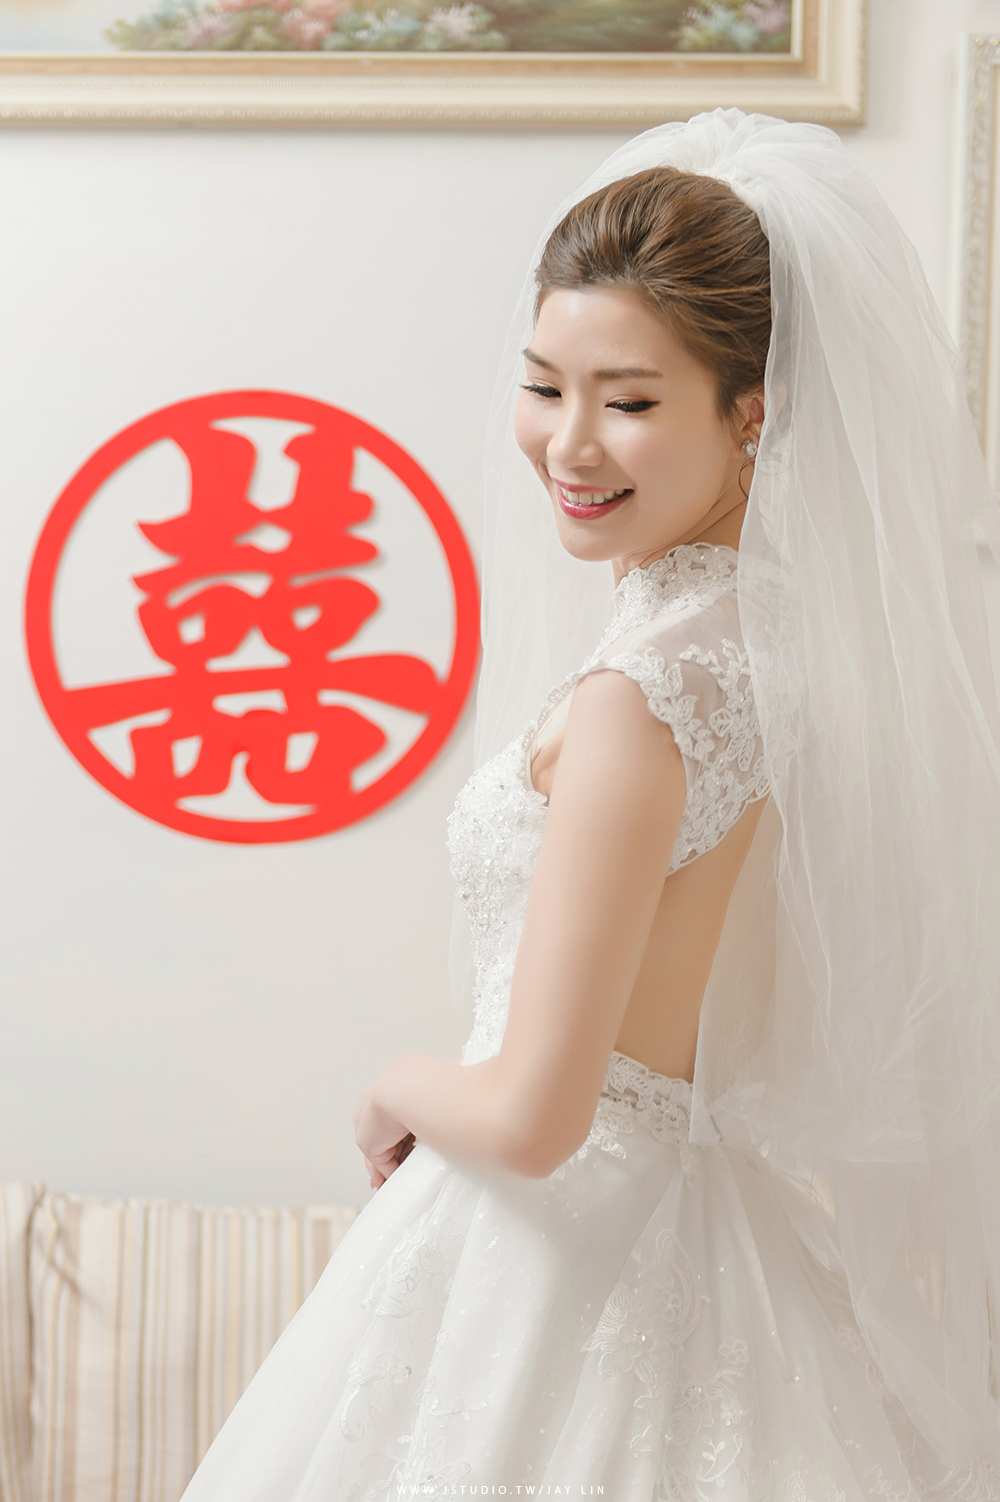 婚攝 台北婚攝 婚禮紀錄 婚攝 推薦婚攝 格萊天漾 JSTUDIO_0061